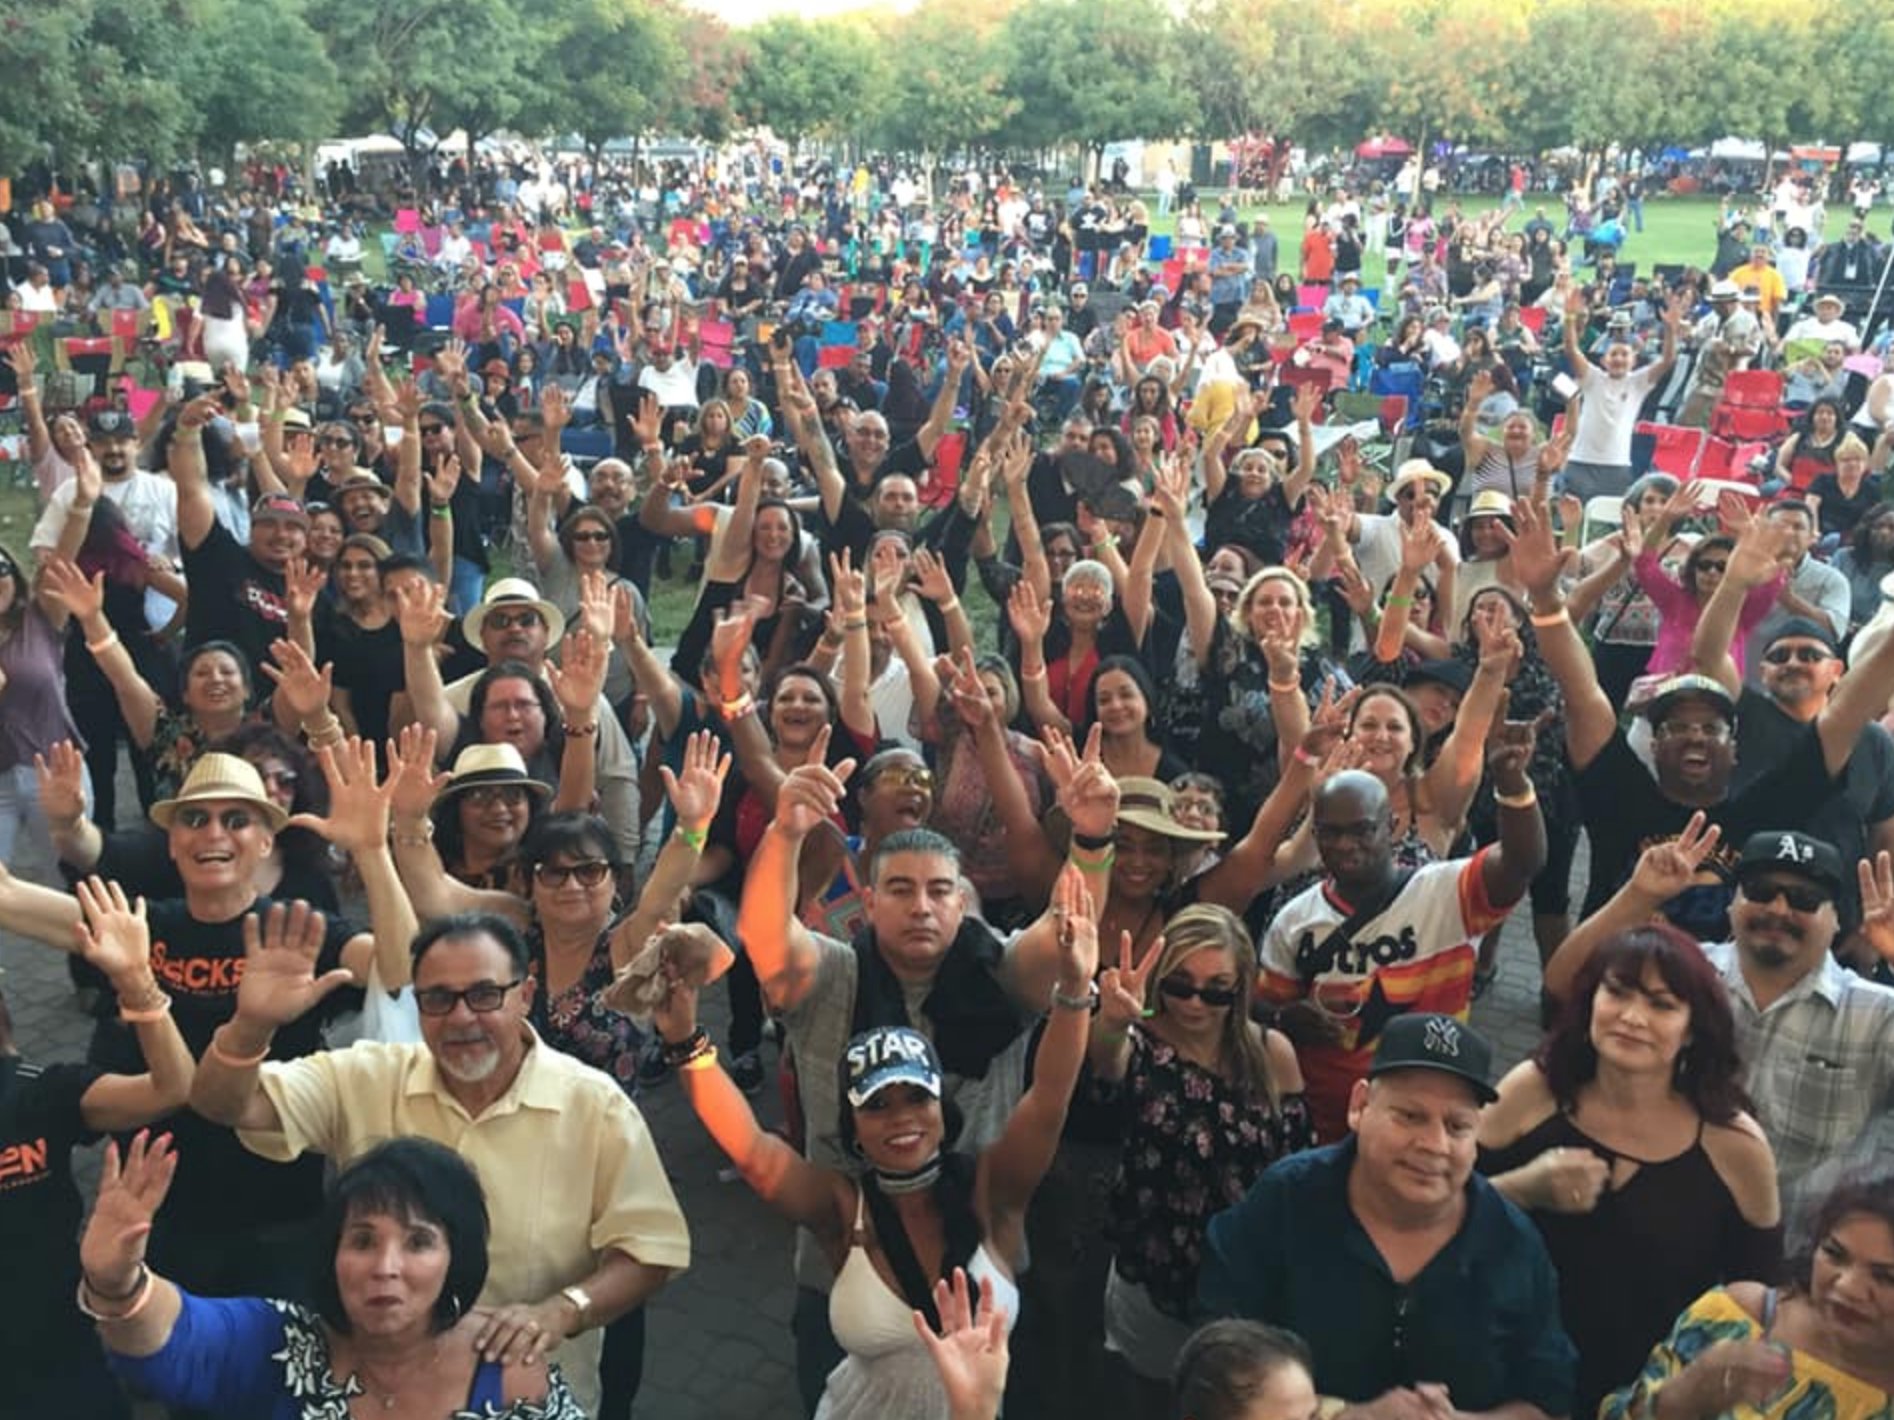 FEST: Stockton Tequila Festival (CA)